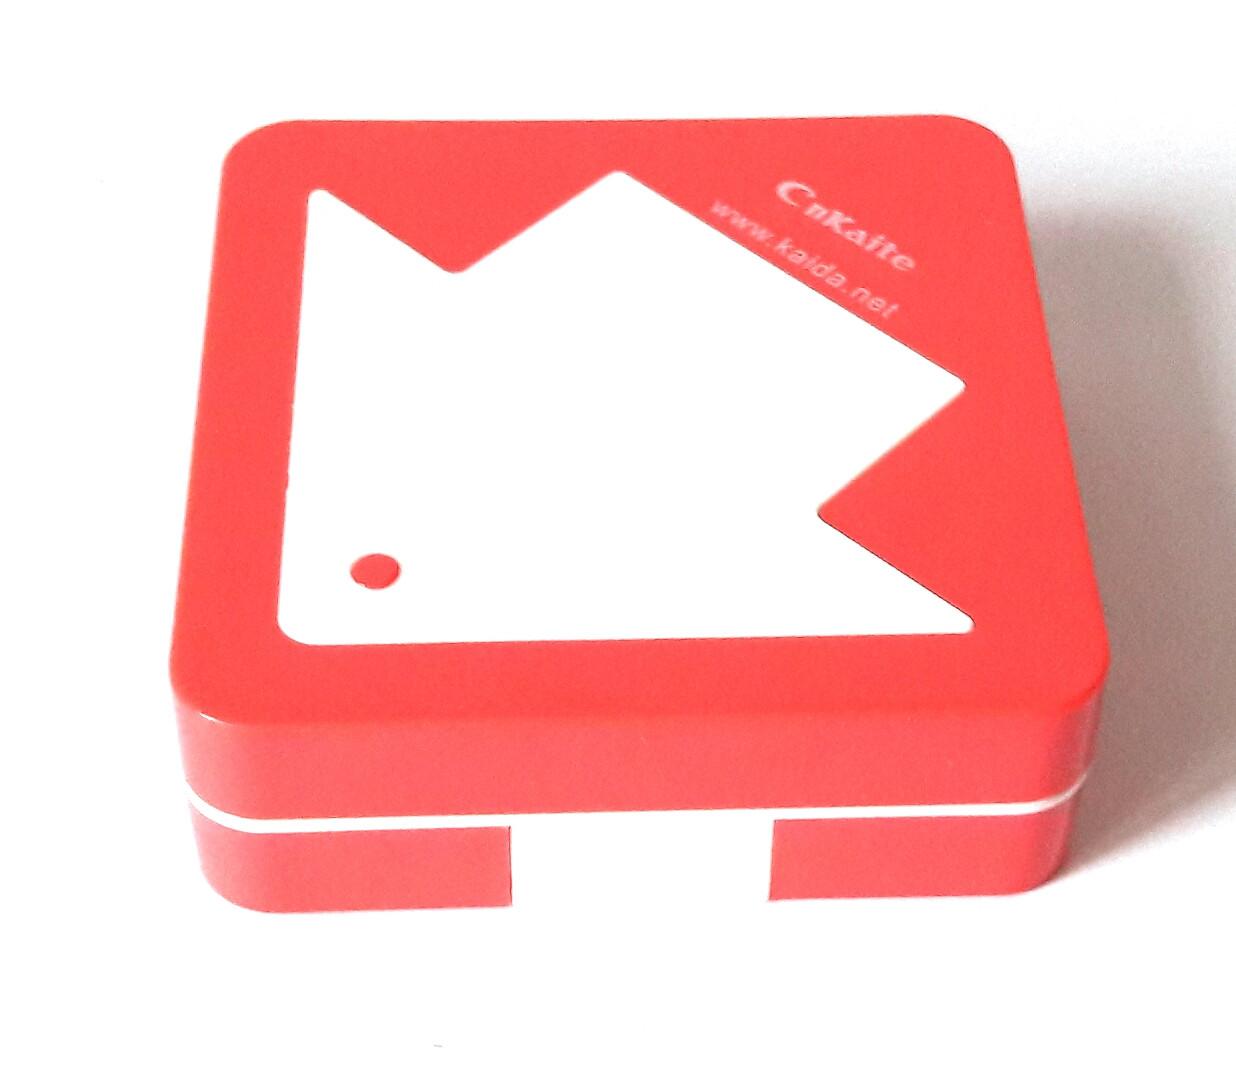 Дорожный полный набор для контактных линз с контейнером, пинцетом, бутылочкой, зеркалом, пудровый, Стрелка